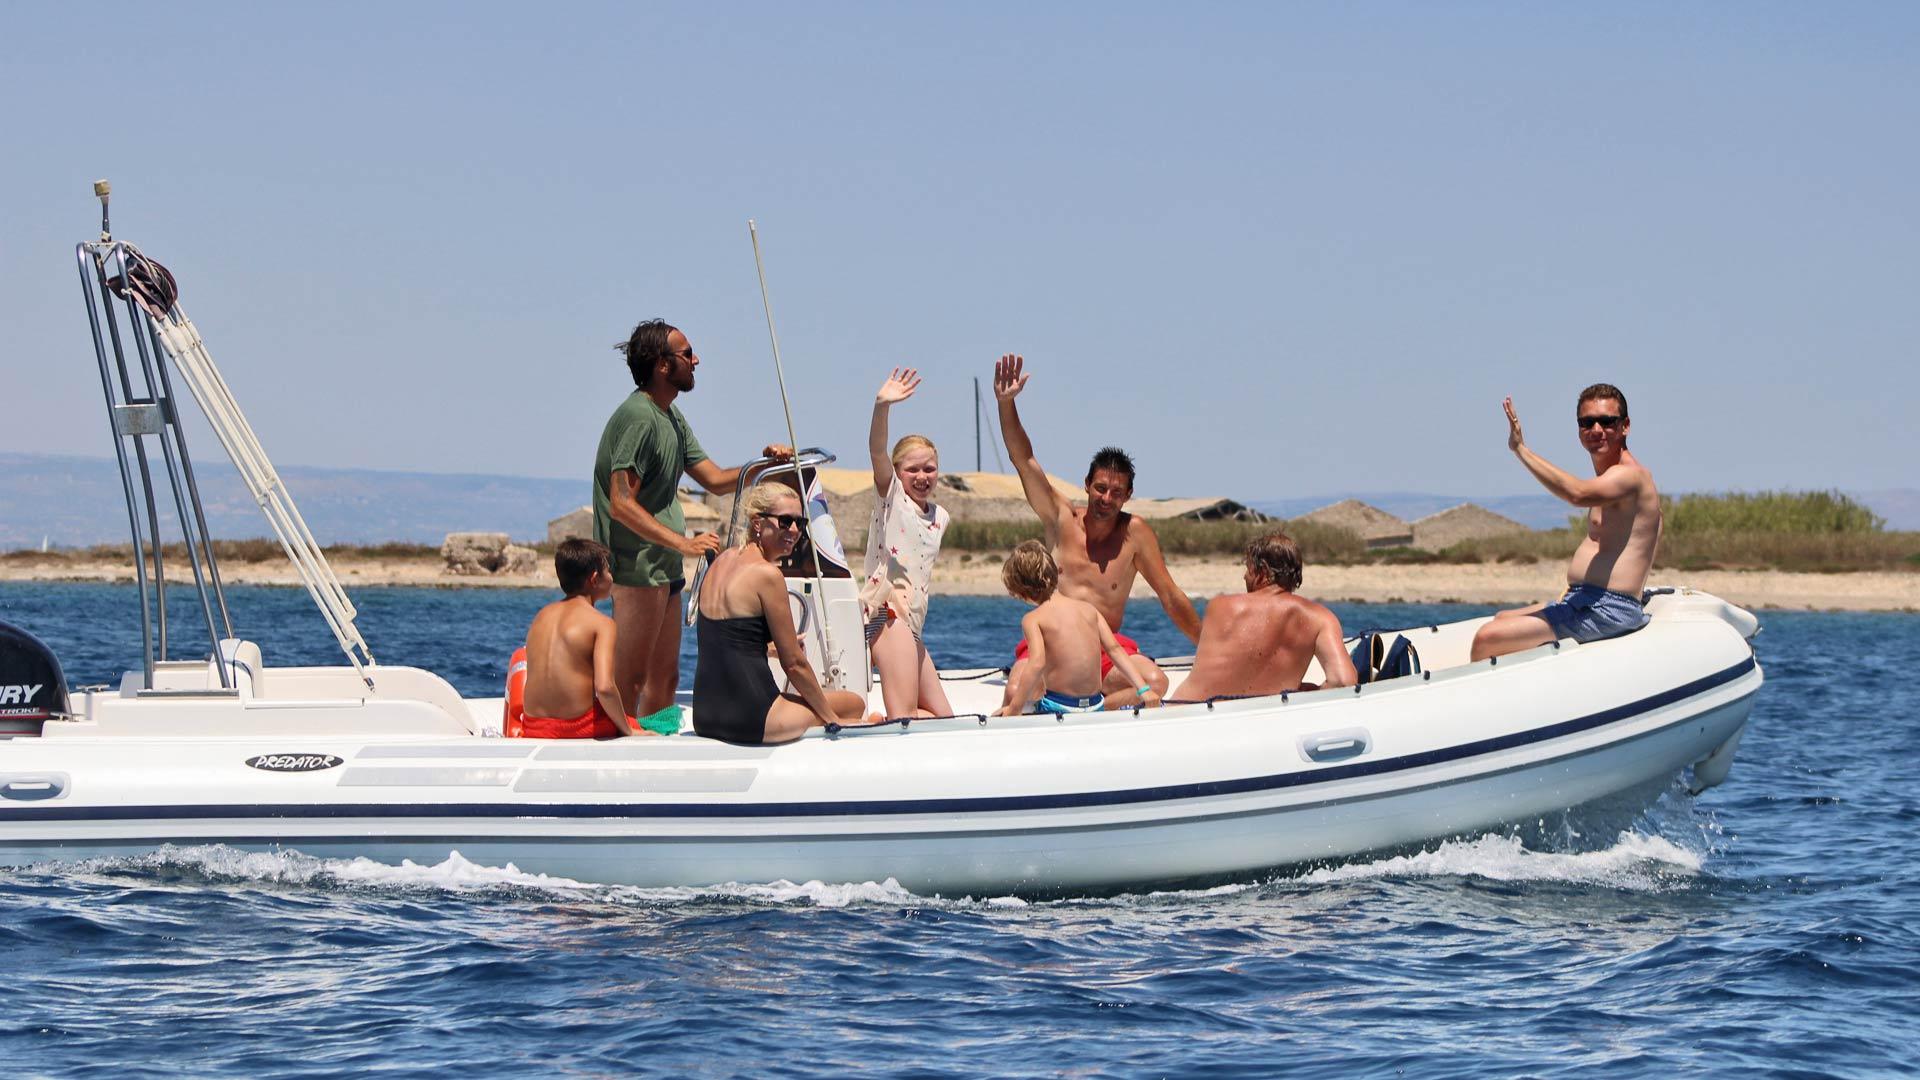 Escursioni in barca Marzamemi - Shark